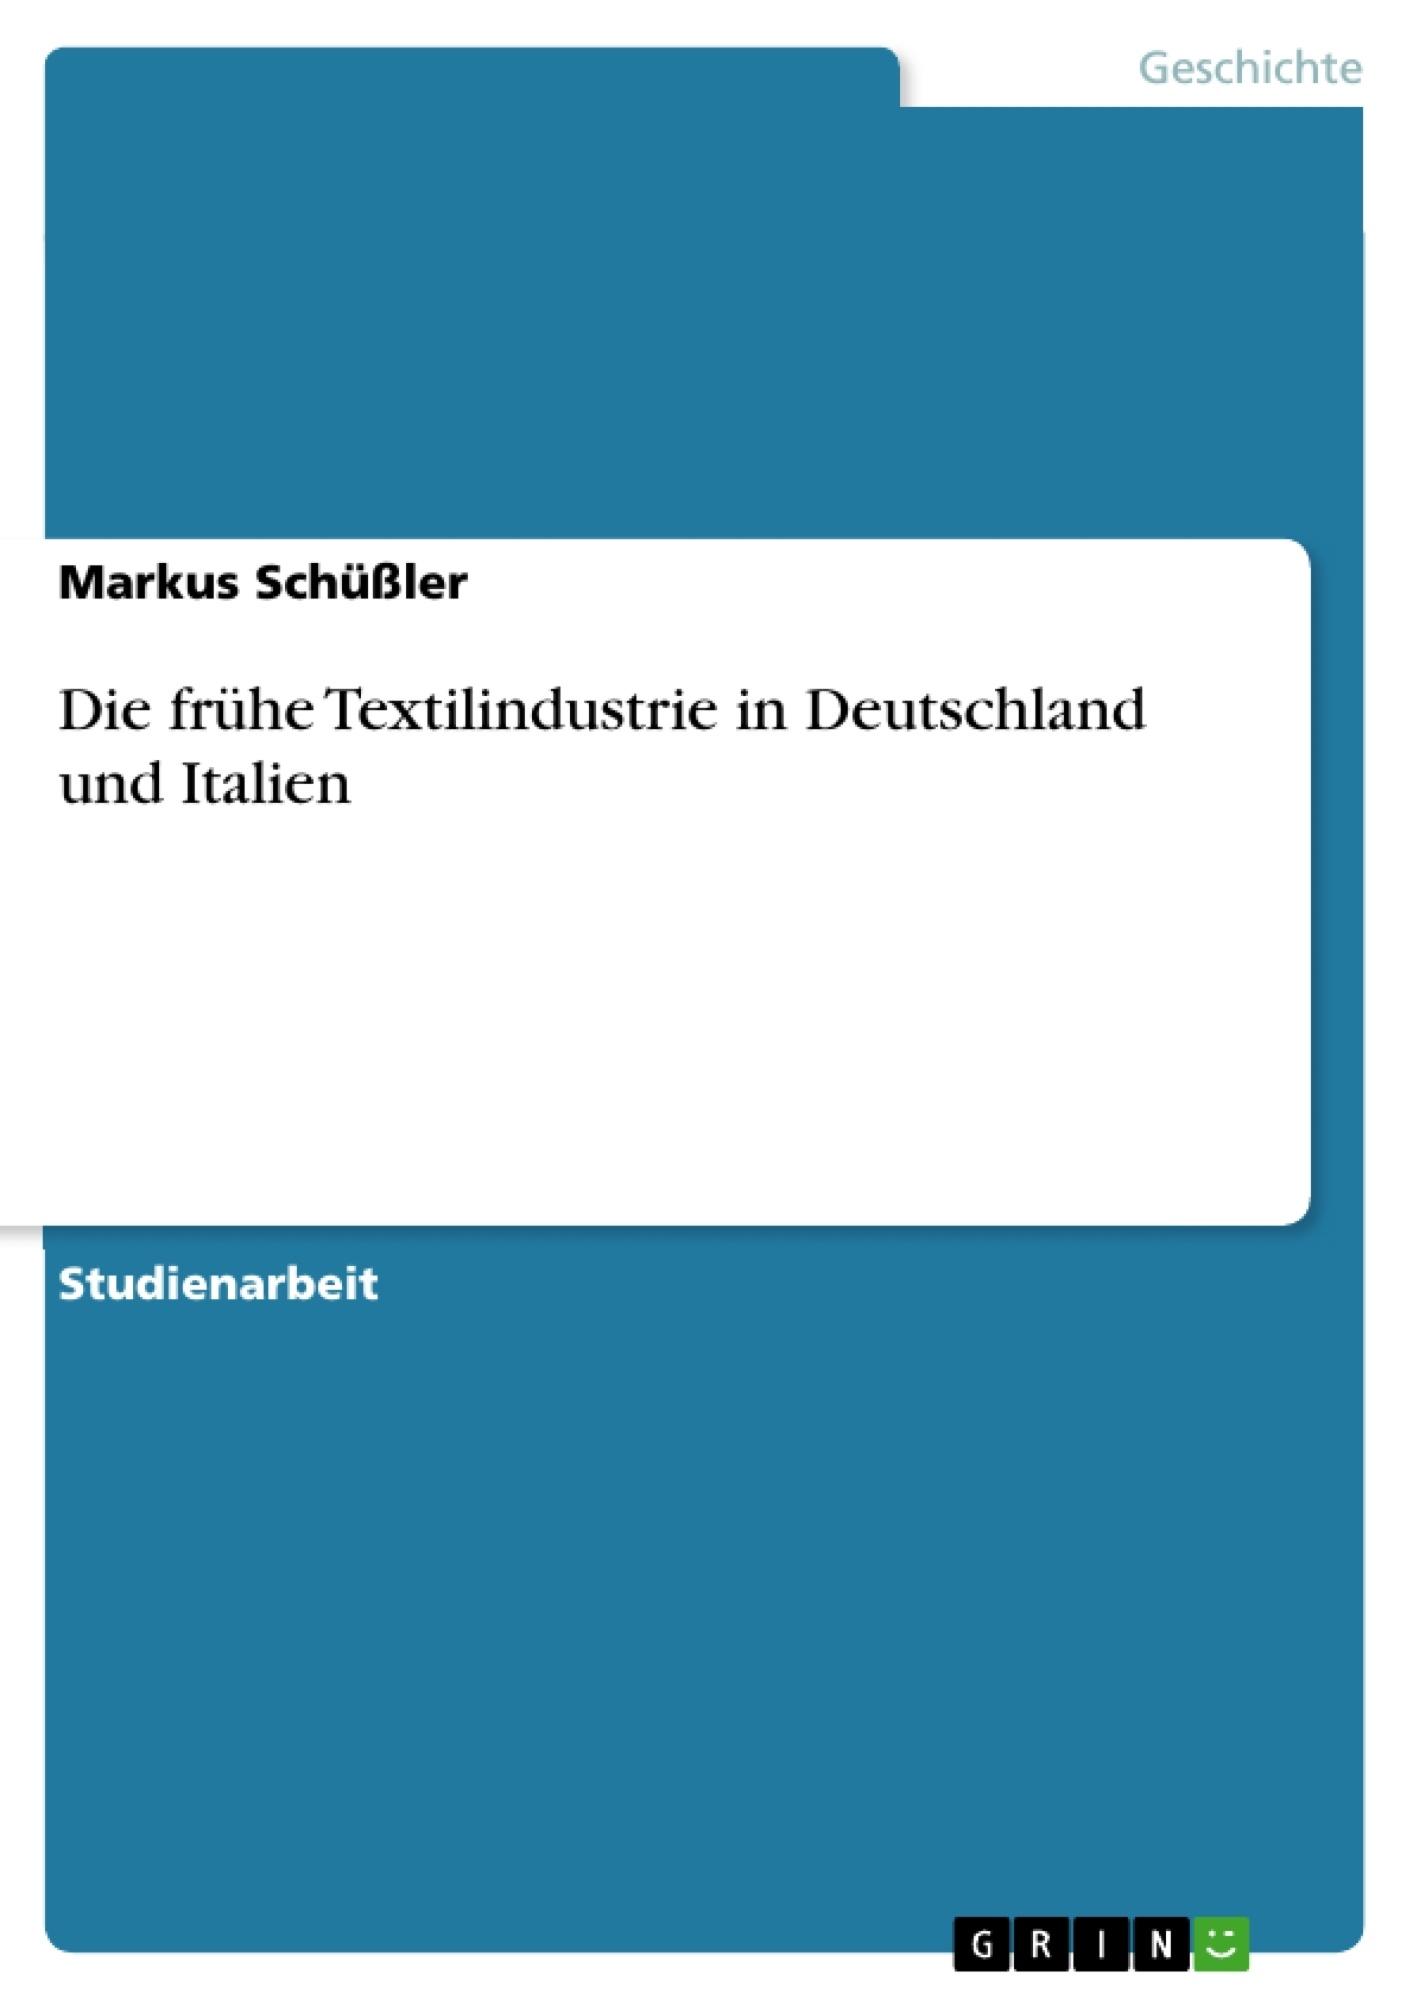 Titel: Die frühe Textilindustrie in Deutschland und Italien